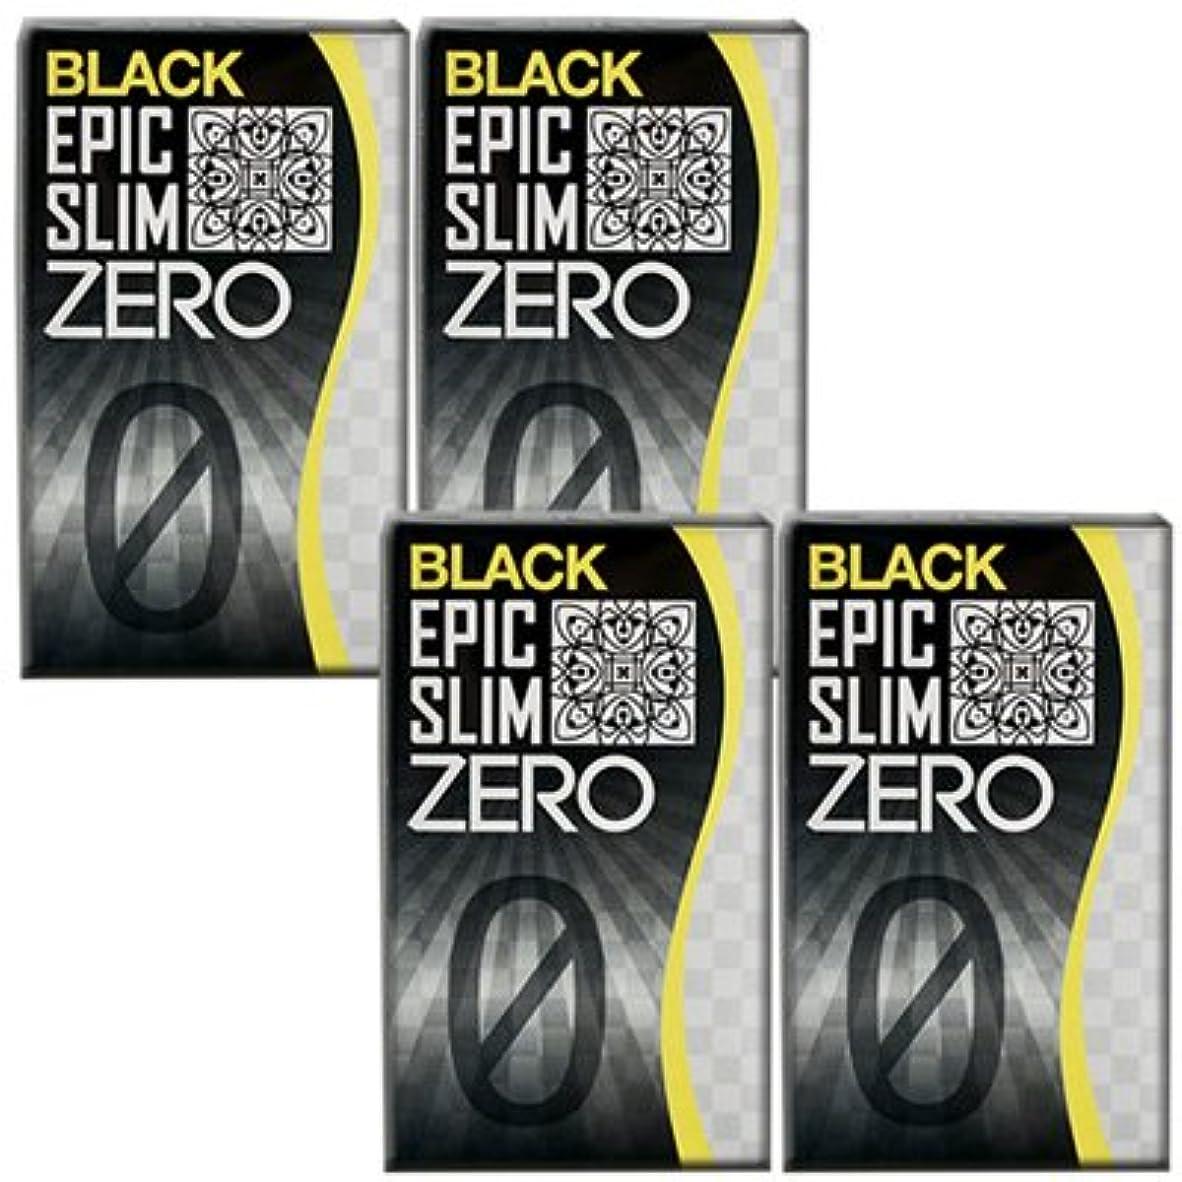 暴露する無法者地平線ブラック エピックスリム ゼロ ブラック 4個セット!  Epic Slim ZERO BLACK ×4個